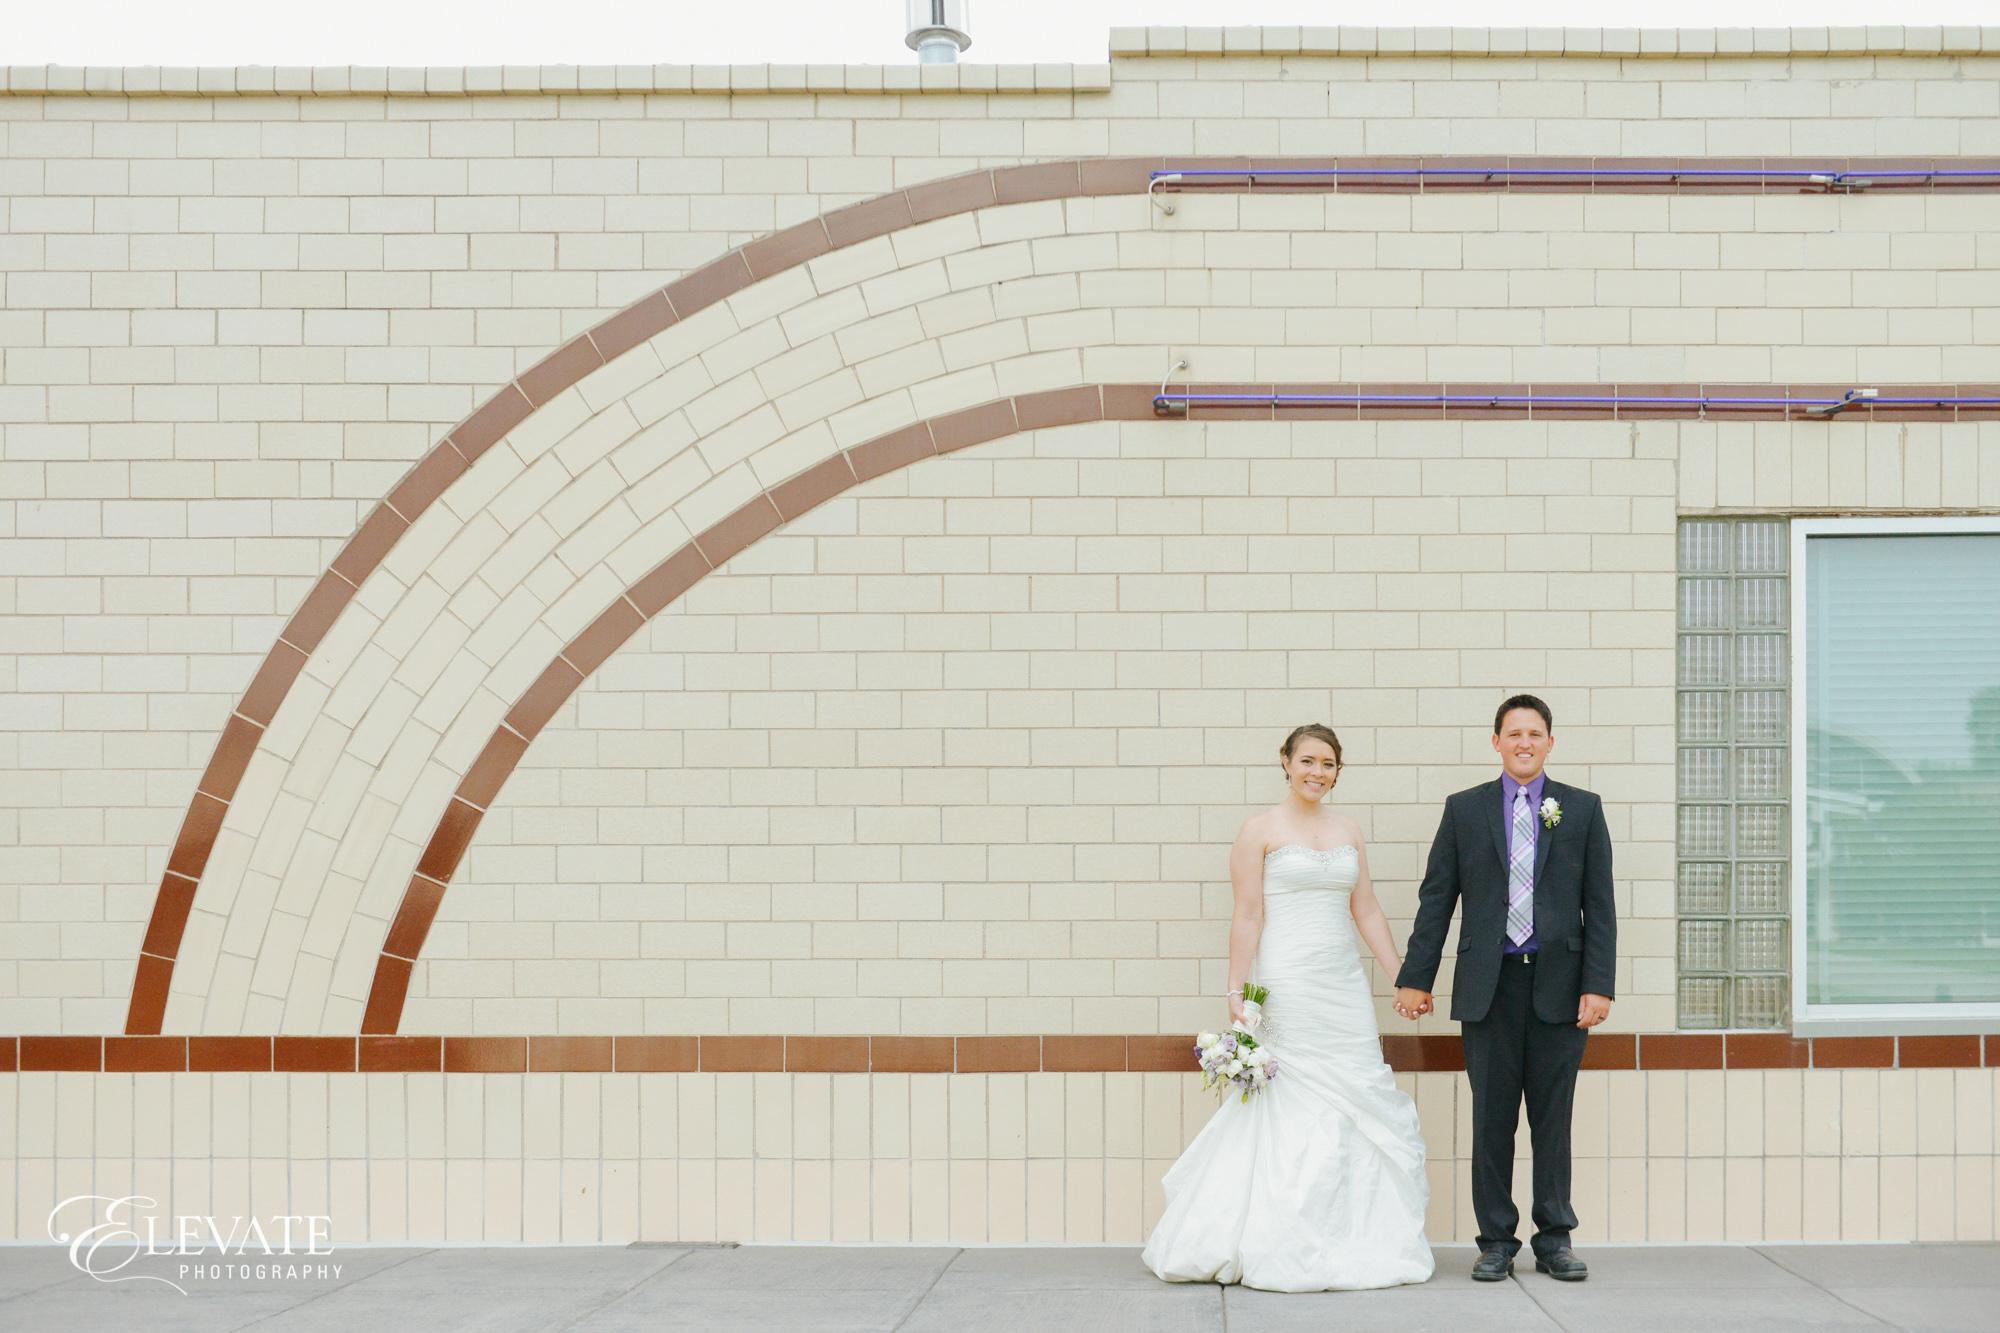 Bride groom historic building